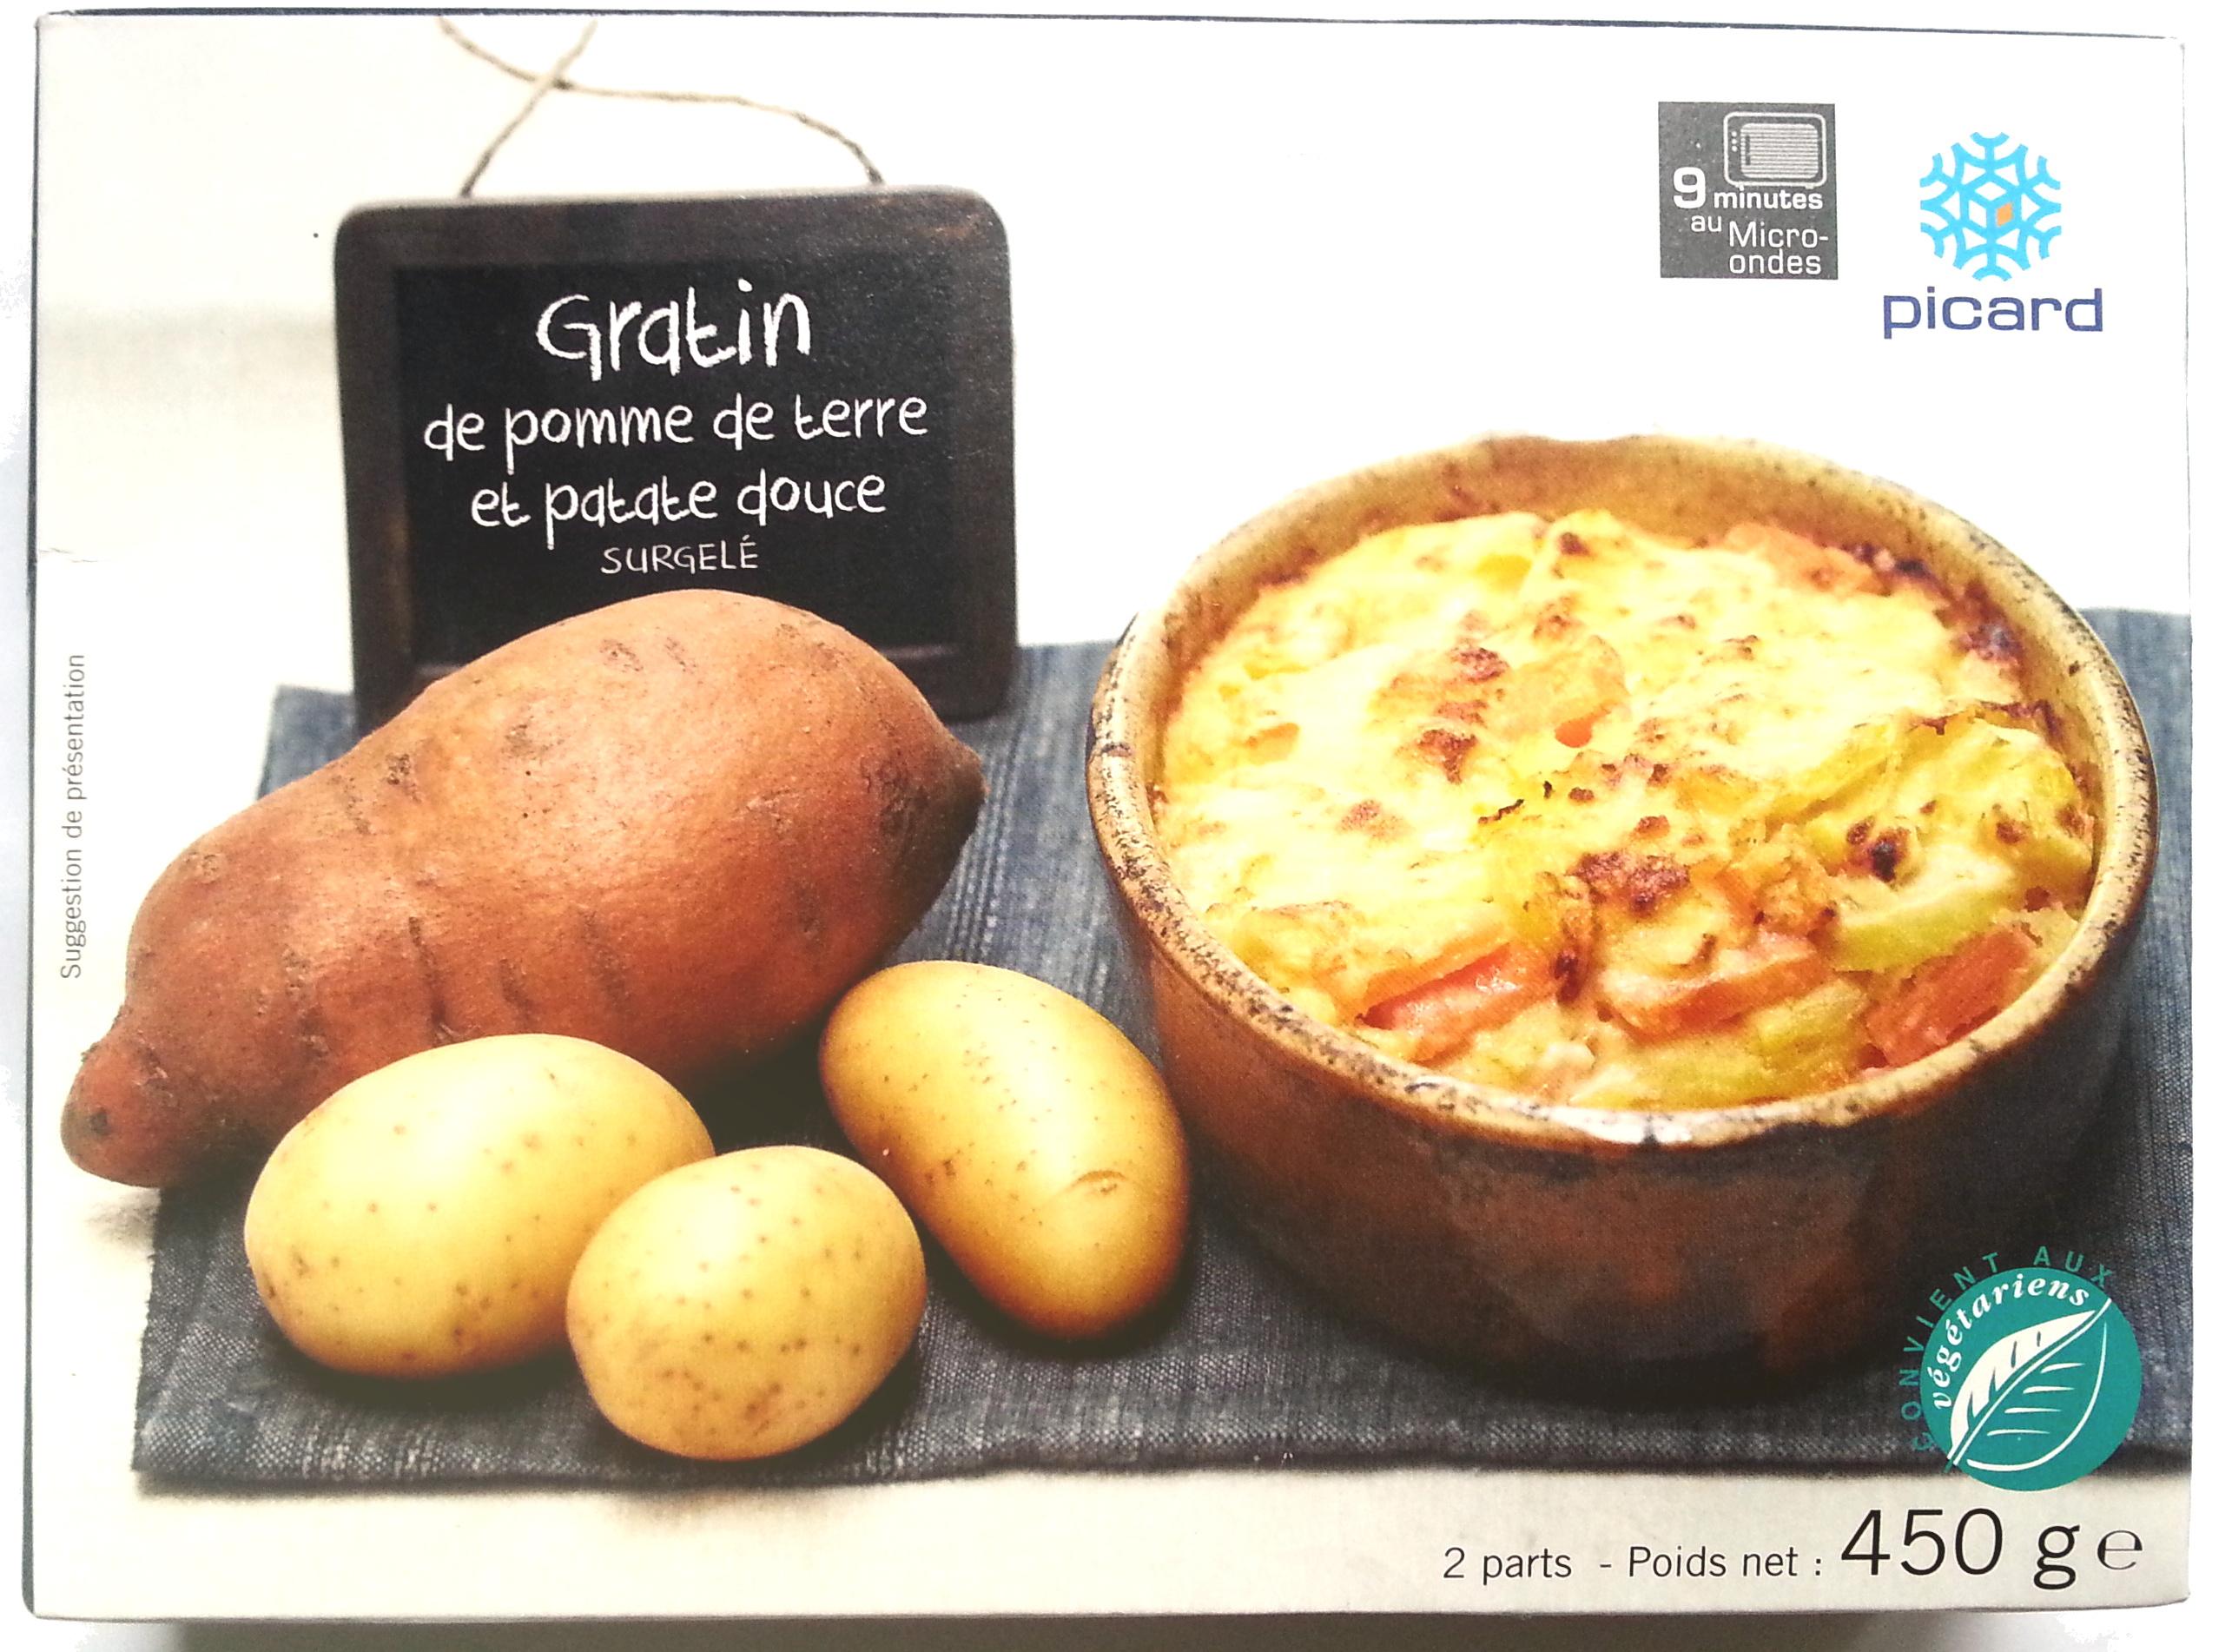 gratin de pomme de terre et patate douce picard 450 g. Black Bedroom Furniture Sets. Home Design Ideas